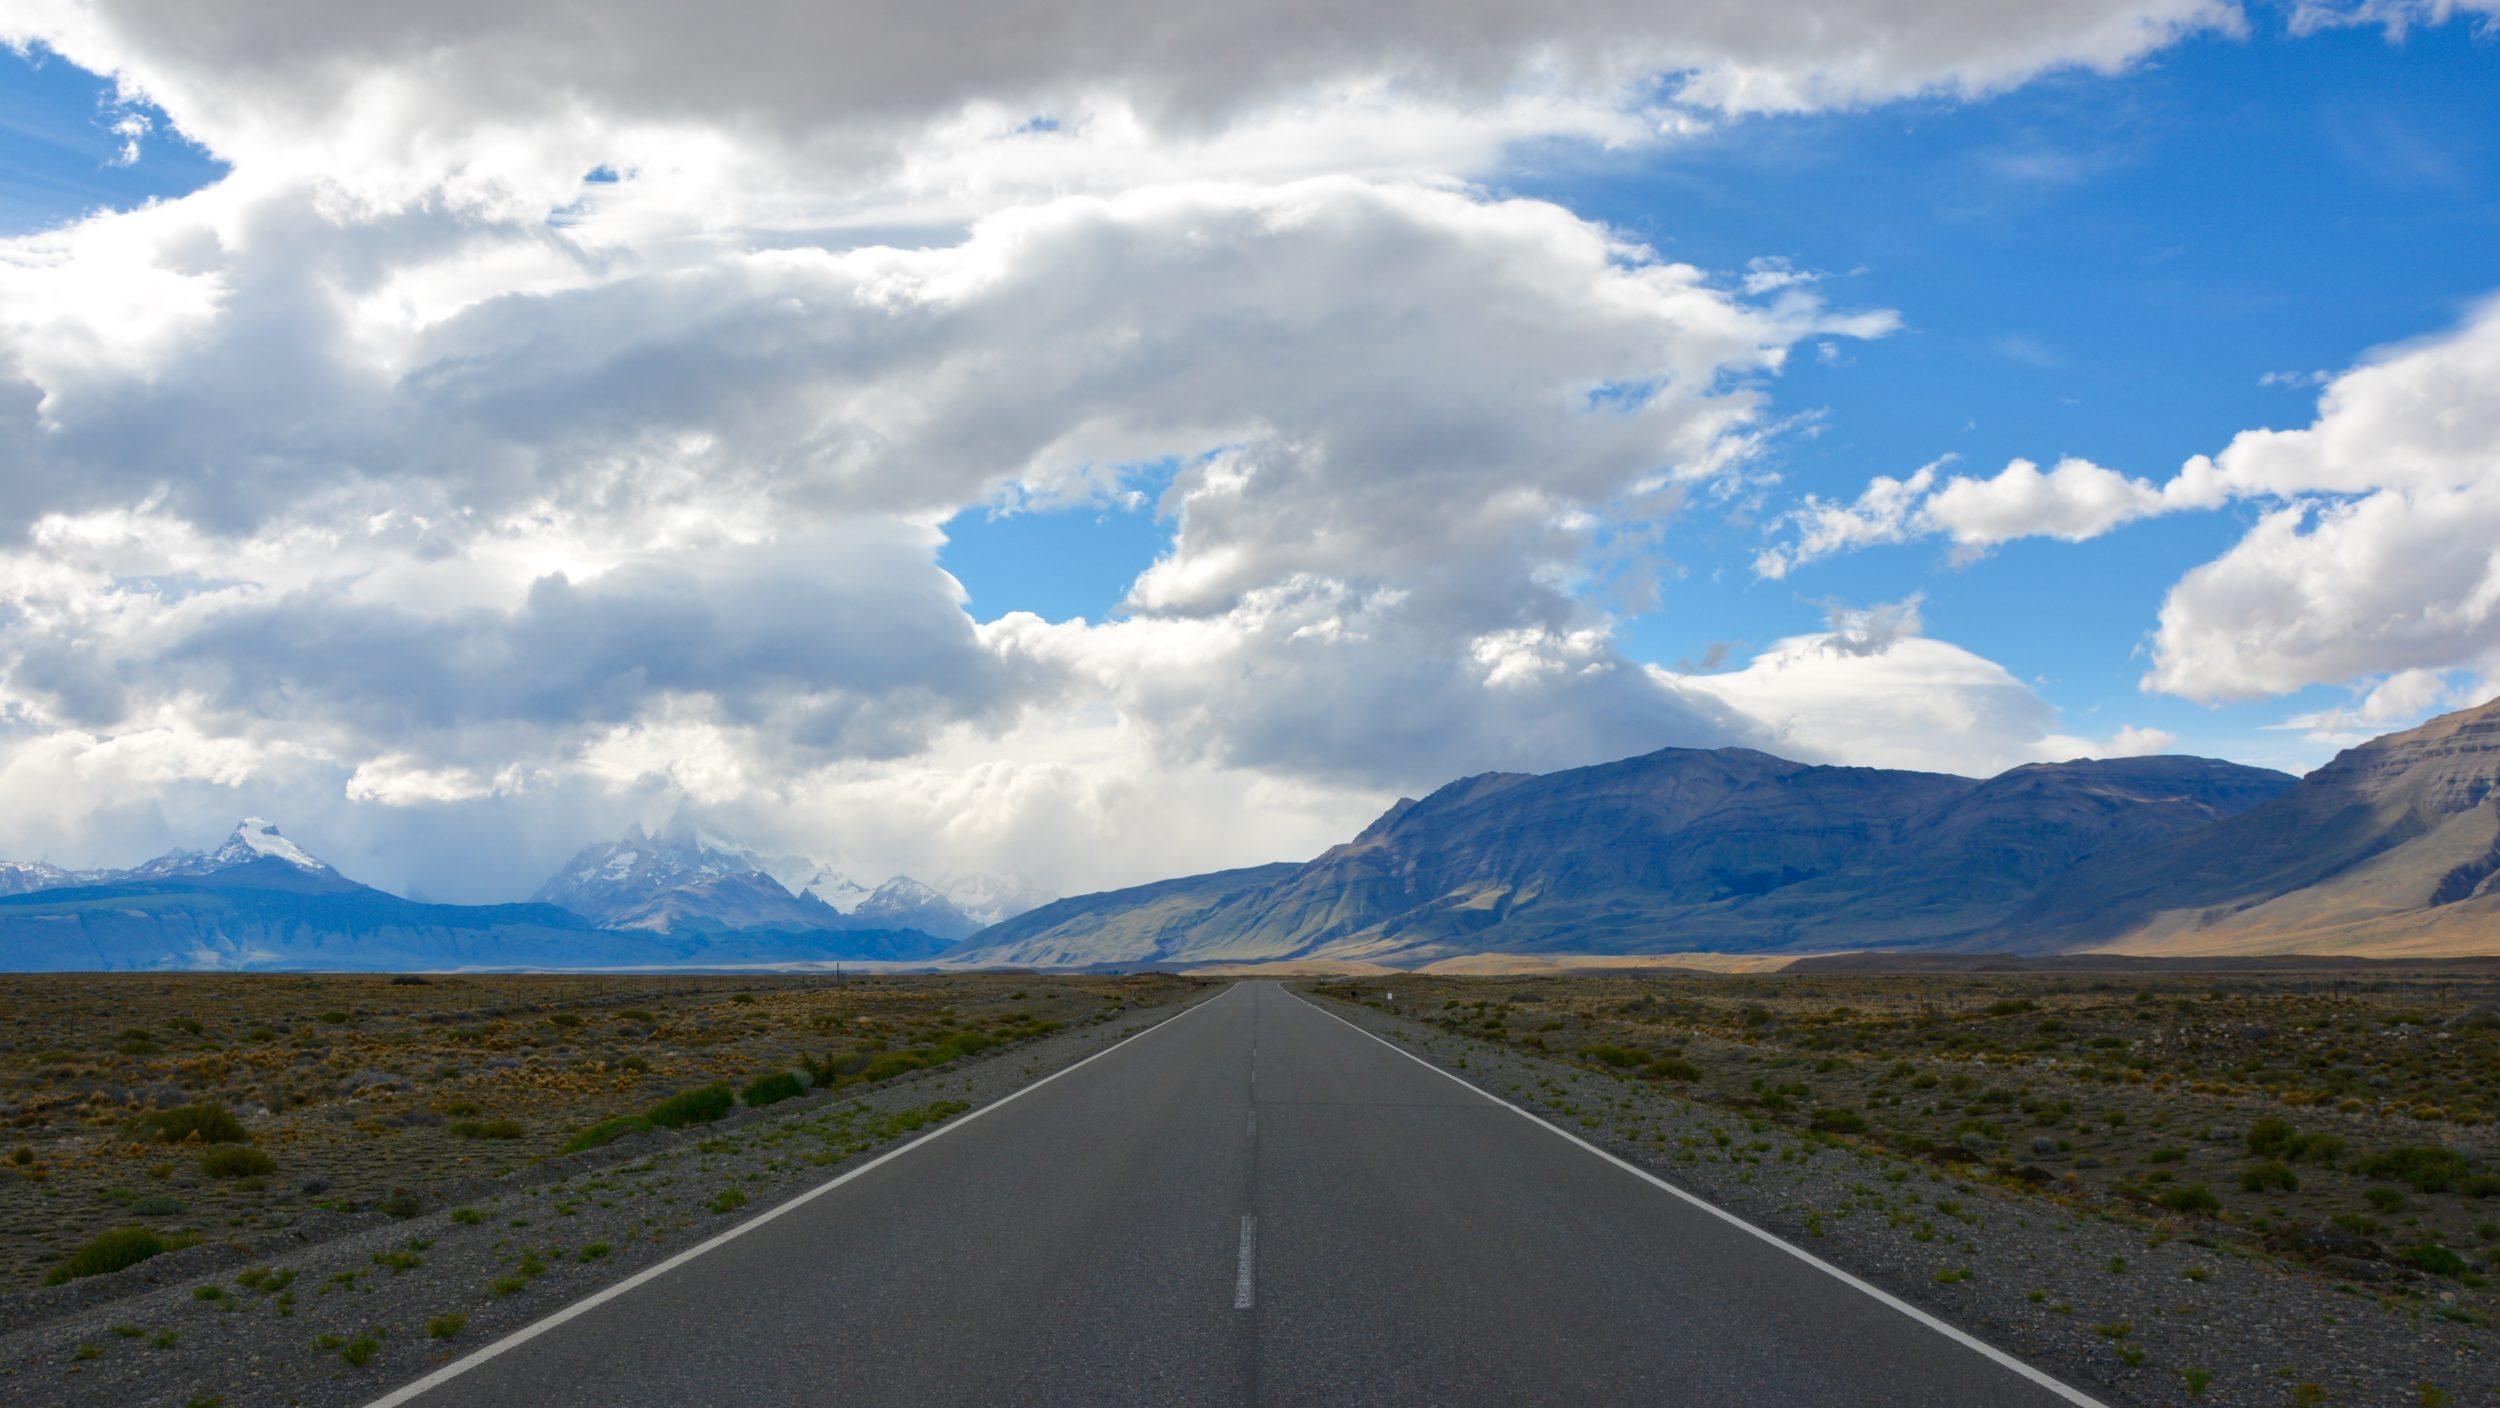 Patagonie, ruta 40